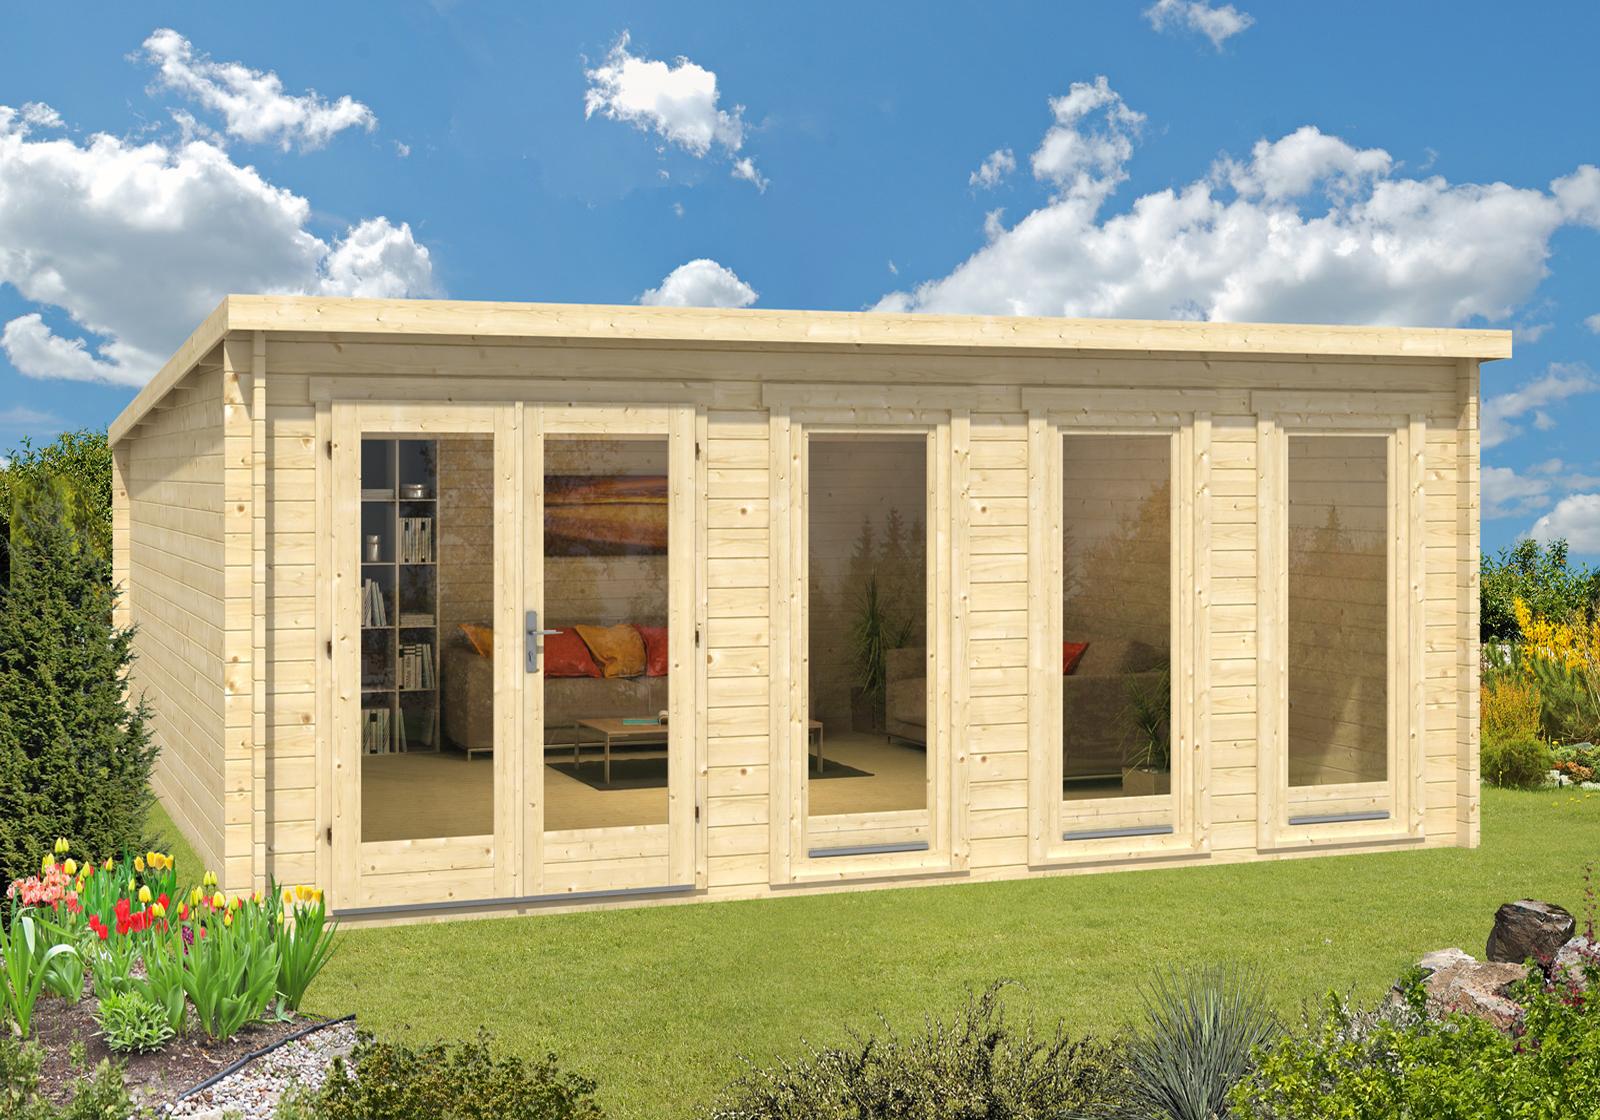 gartenhaus atrium 40 d gartenhaus atrium 40 d. Black Bedroom Furniture Sets. Home Design Ideas